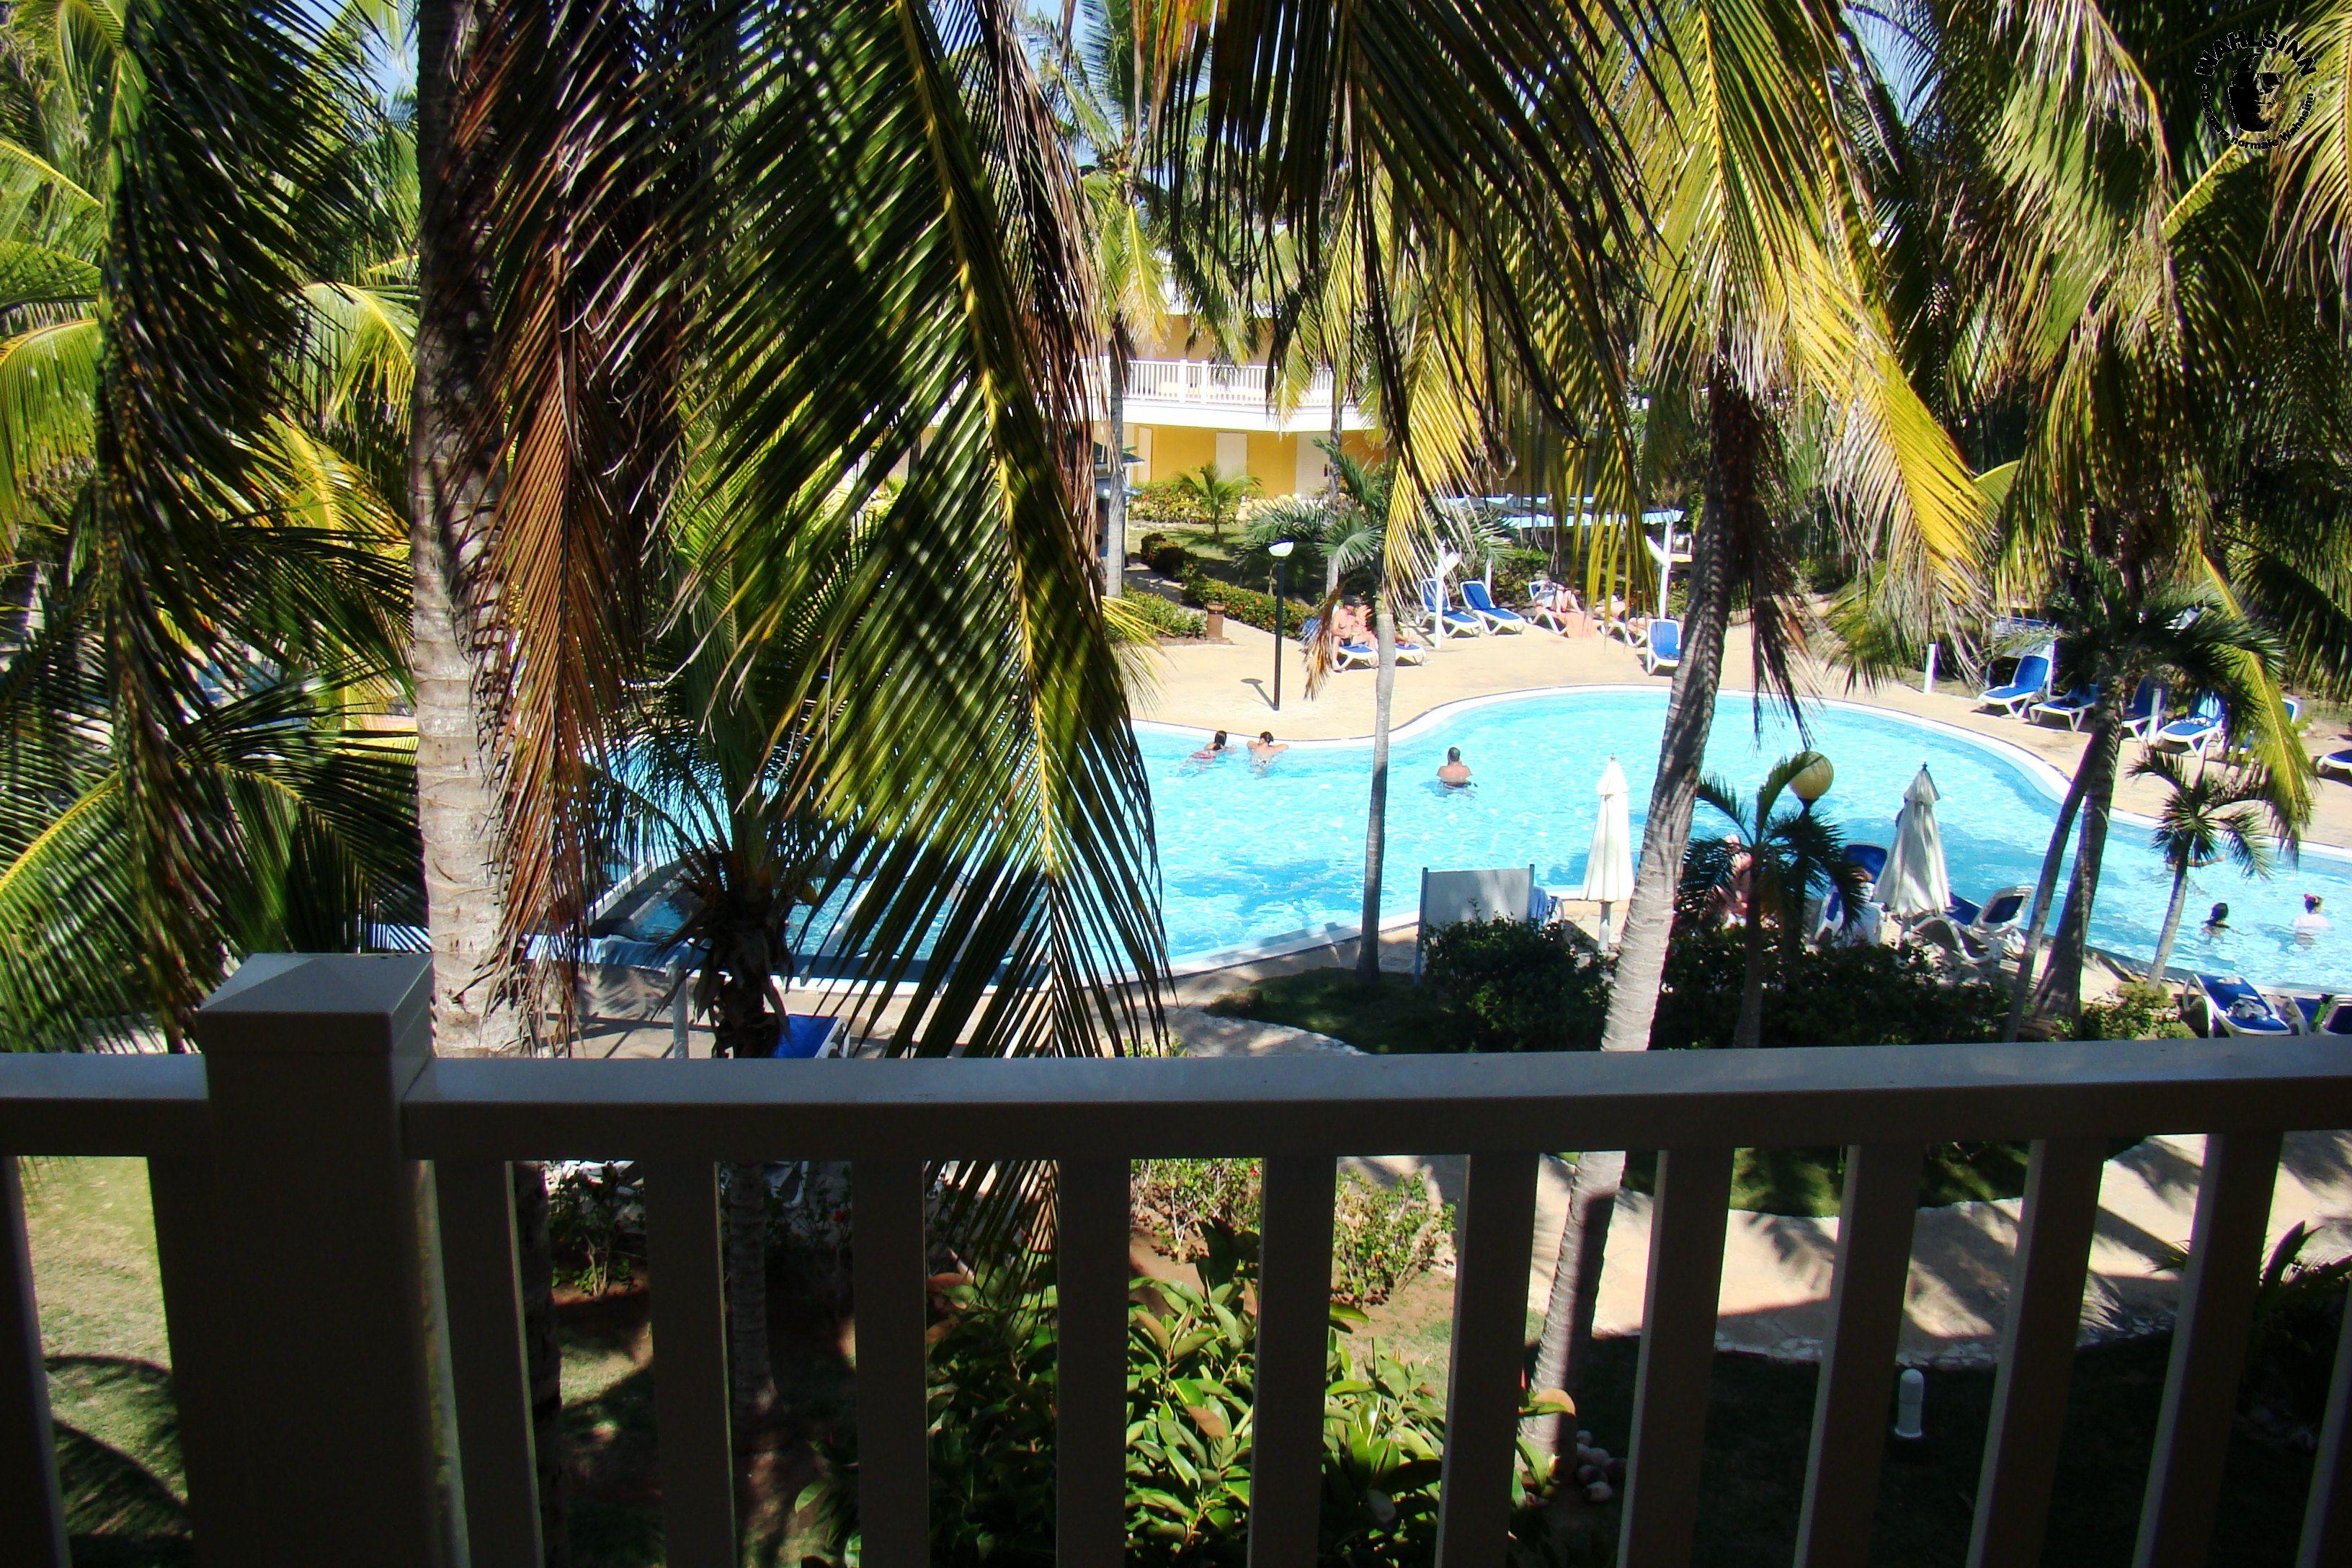 Pool Blick auf den kleinen Pool der Hotelanlage Tryp Cayo Coco